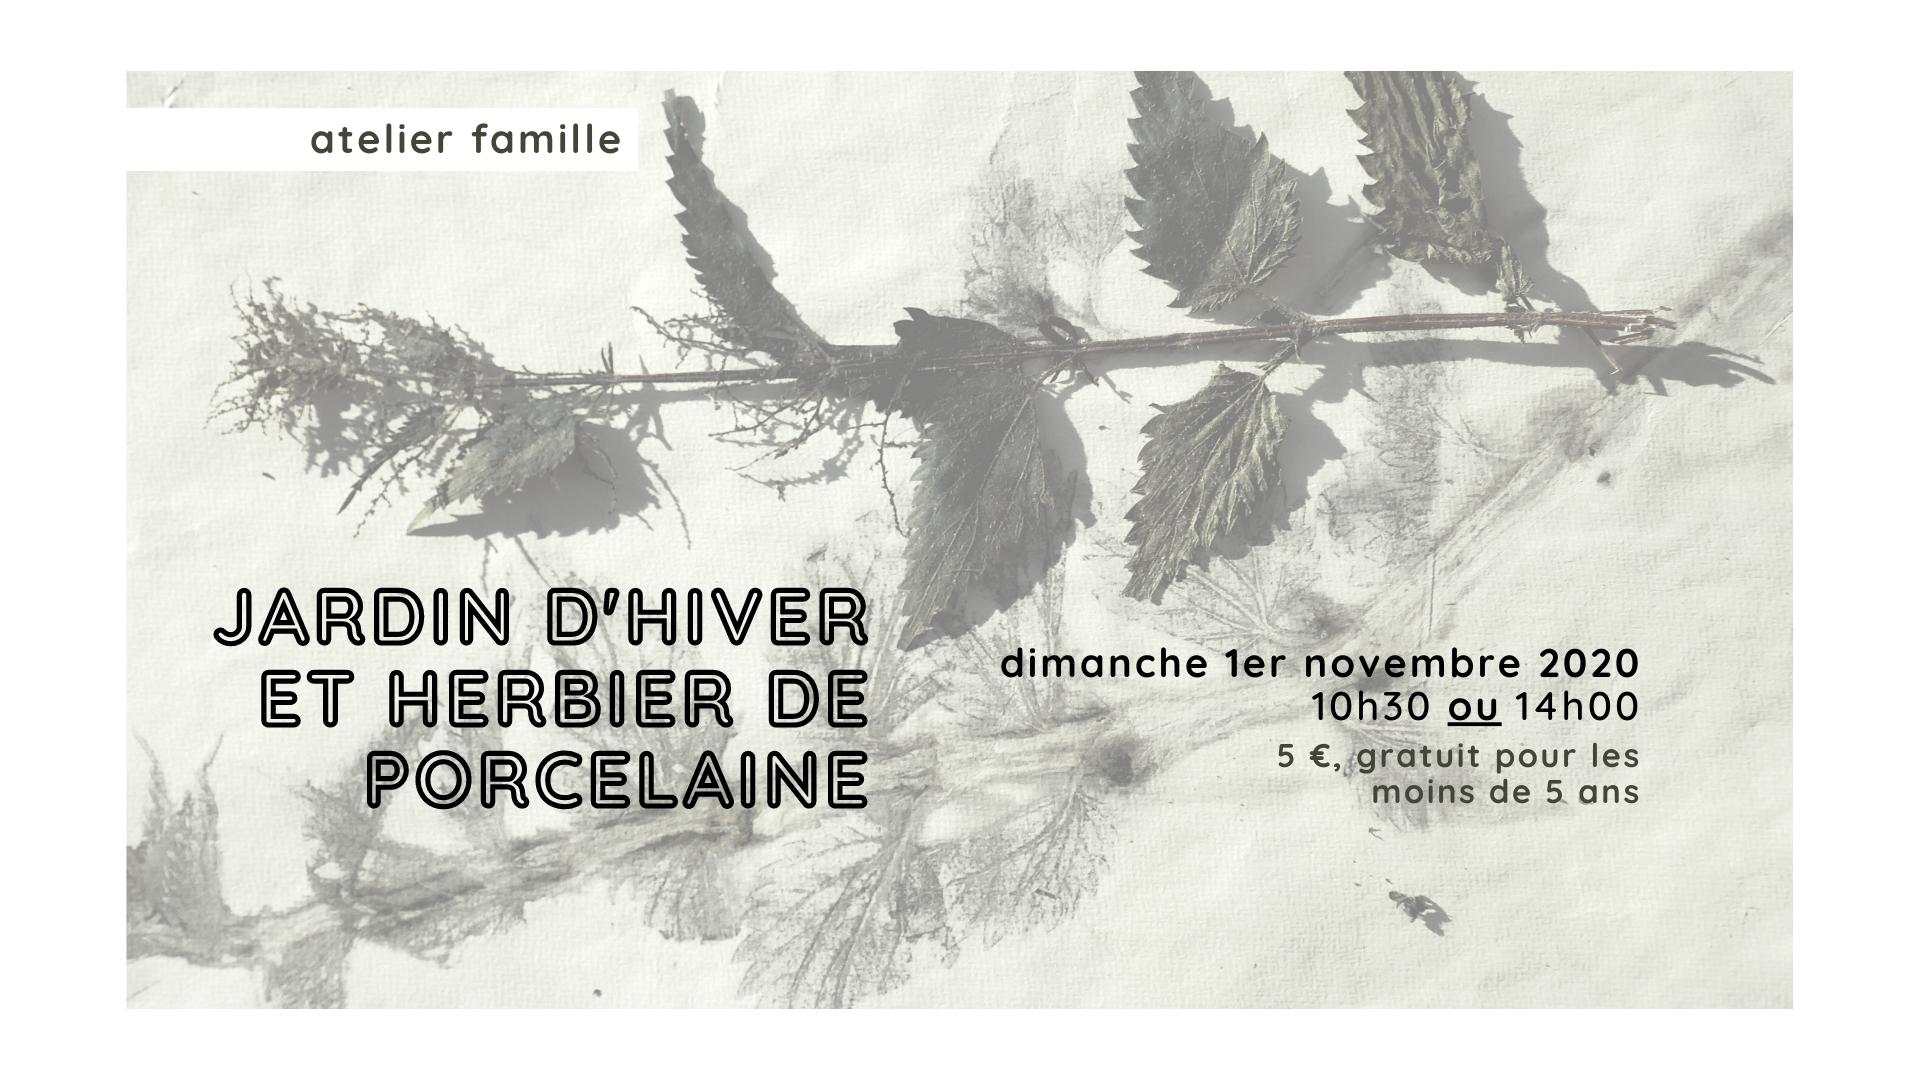 Atelier familles / Jardin d'hiver et herbier de porcelaine